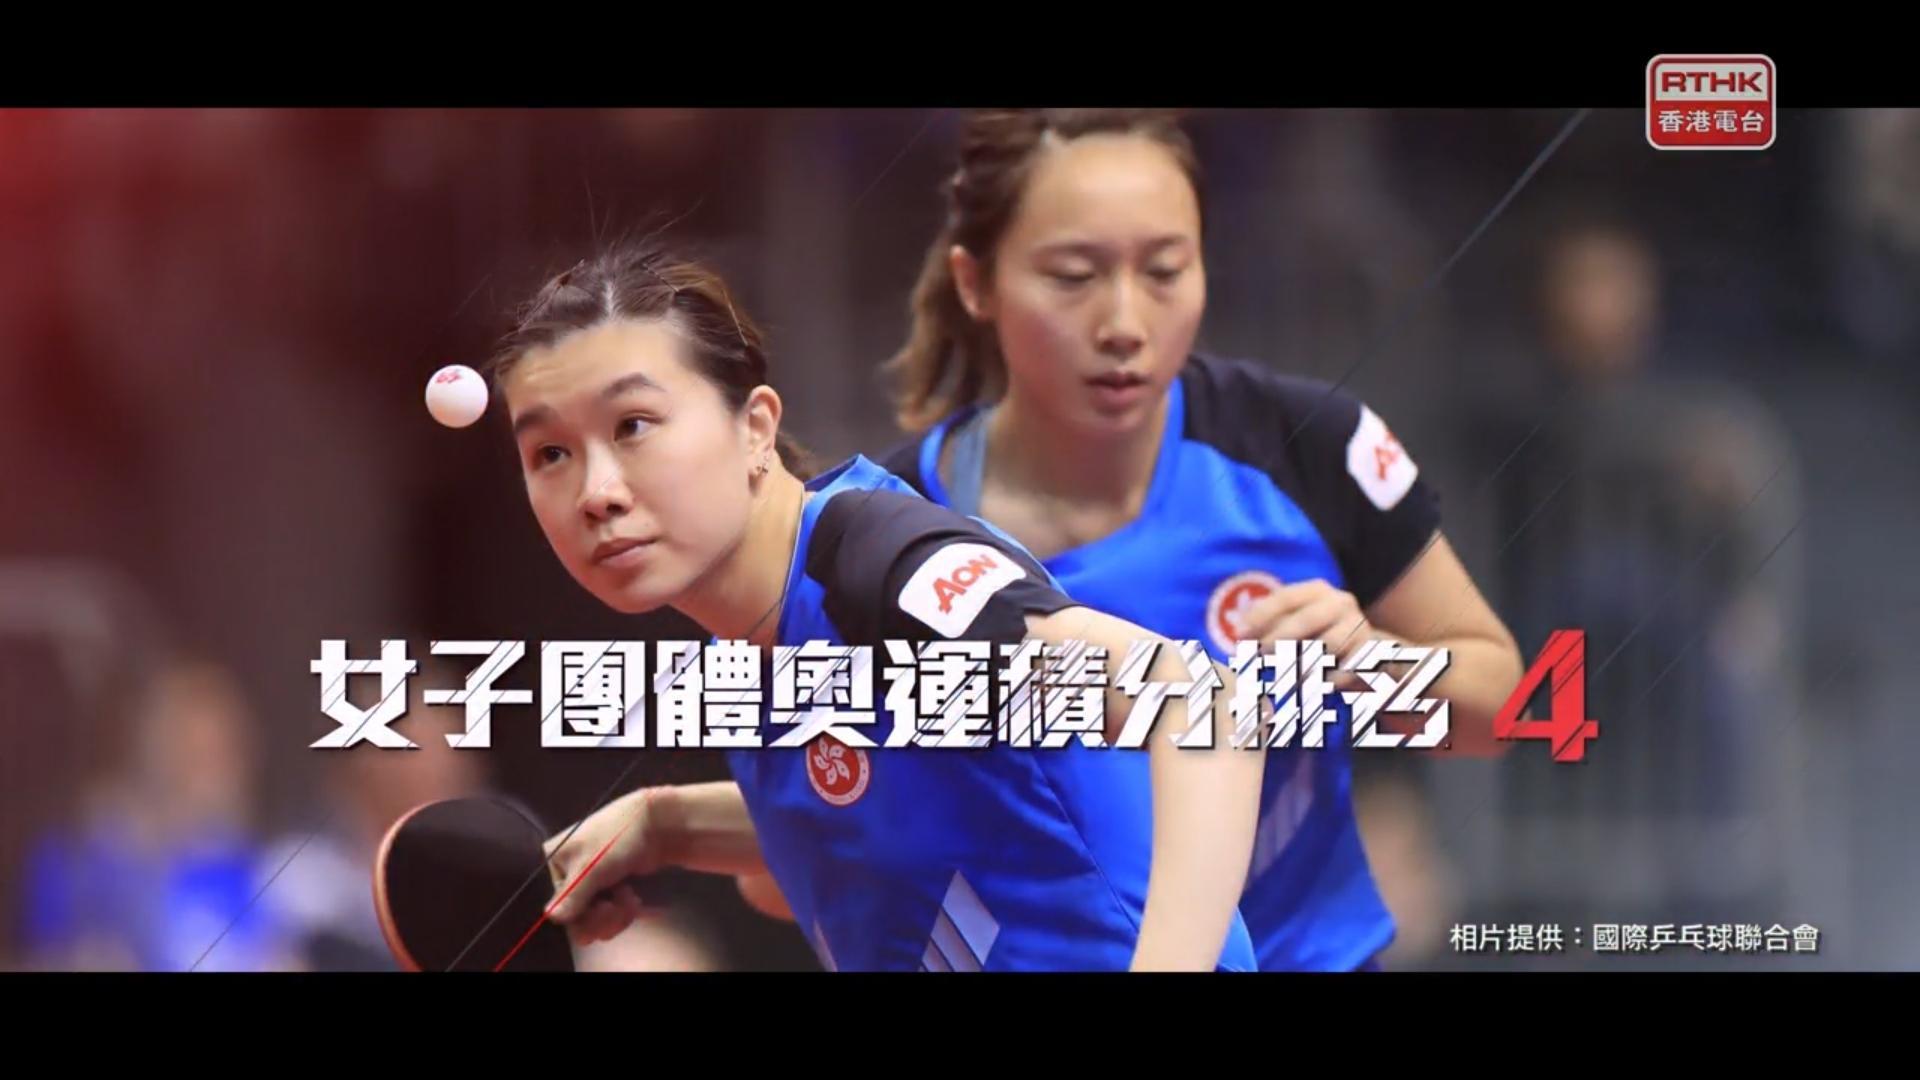 港队代表黄镇廷、杜凯琹、林兆恒、苏慧音、李皓晴、何钧杰(乒乓球)